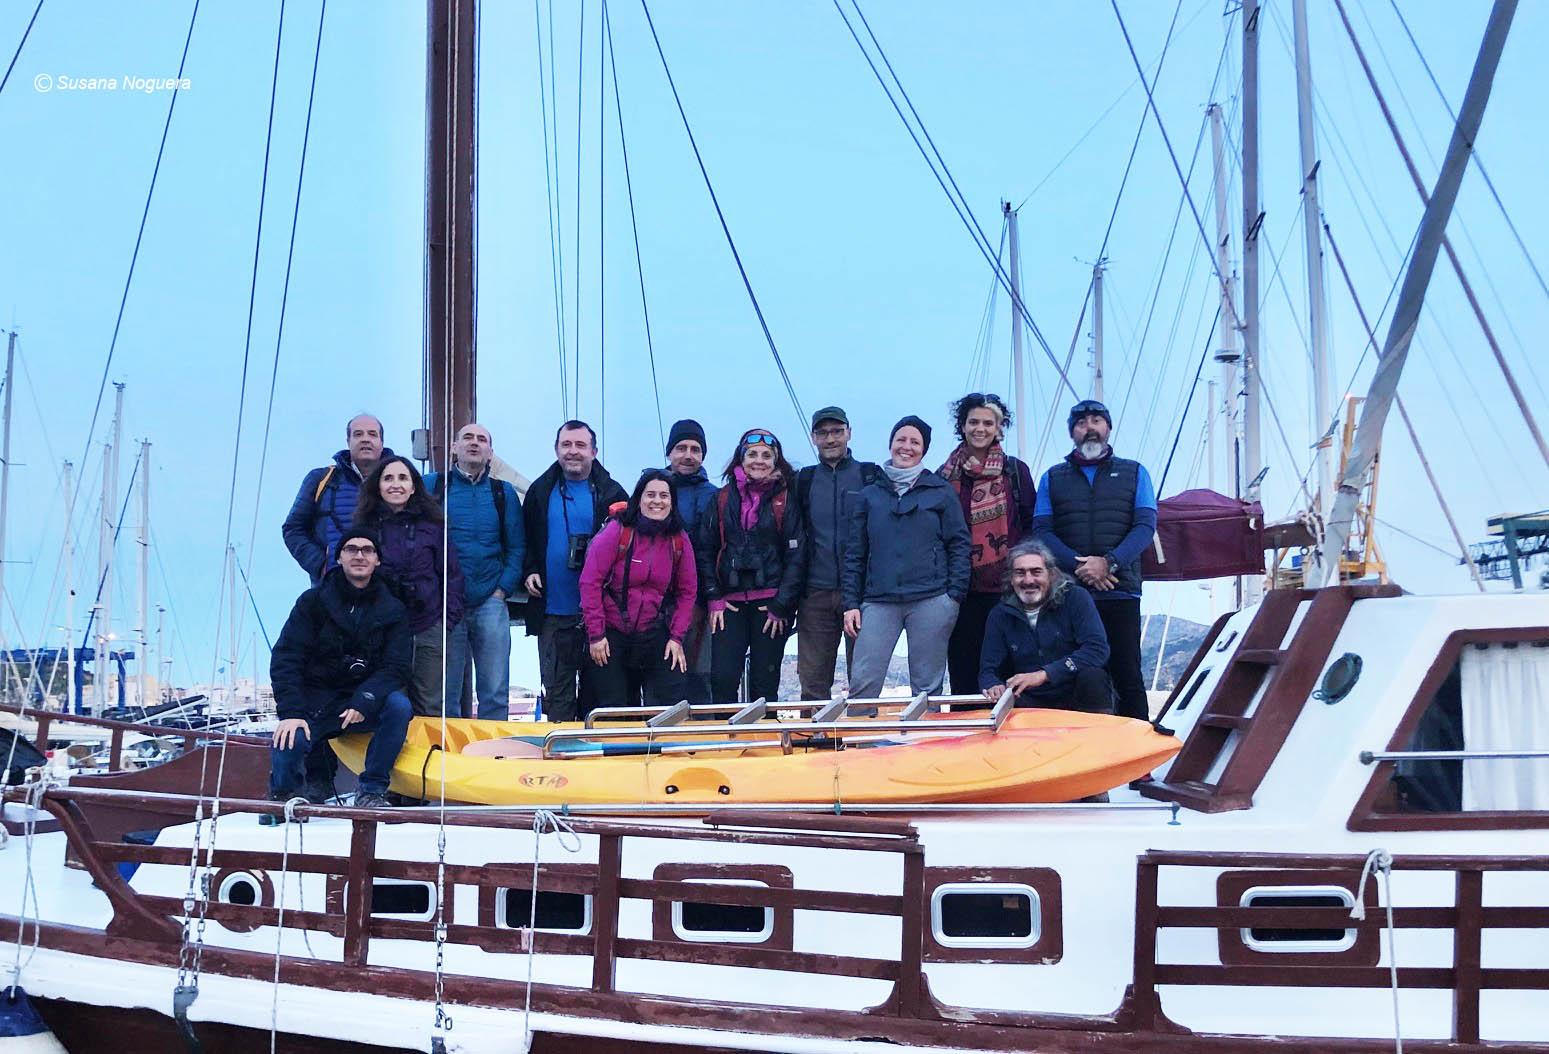 Los pajareros de Birdent Murcia, de expedición marina. Imagen: Susana Noguera